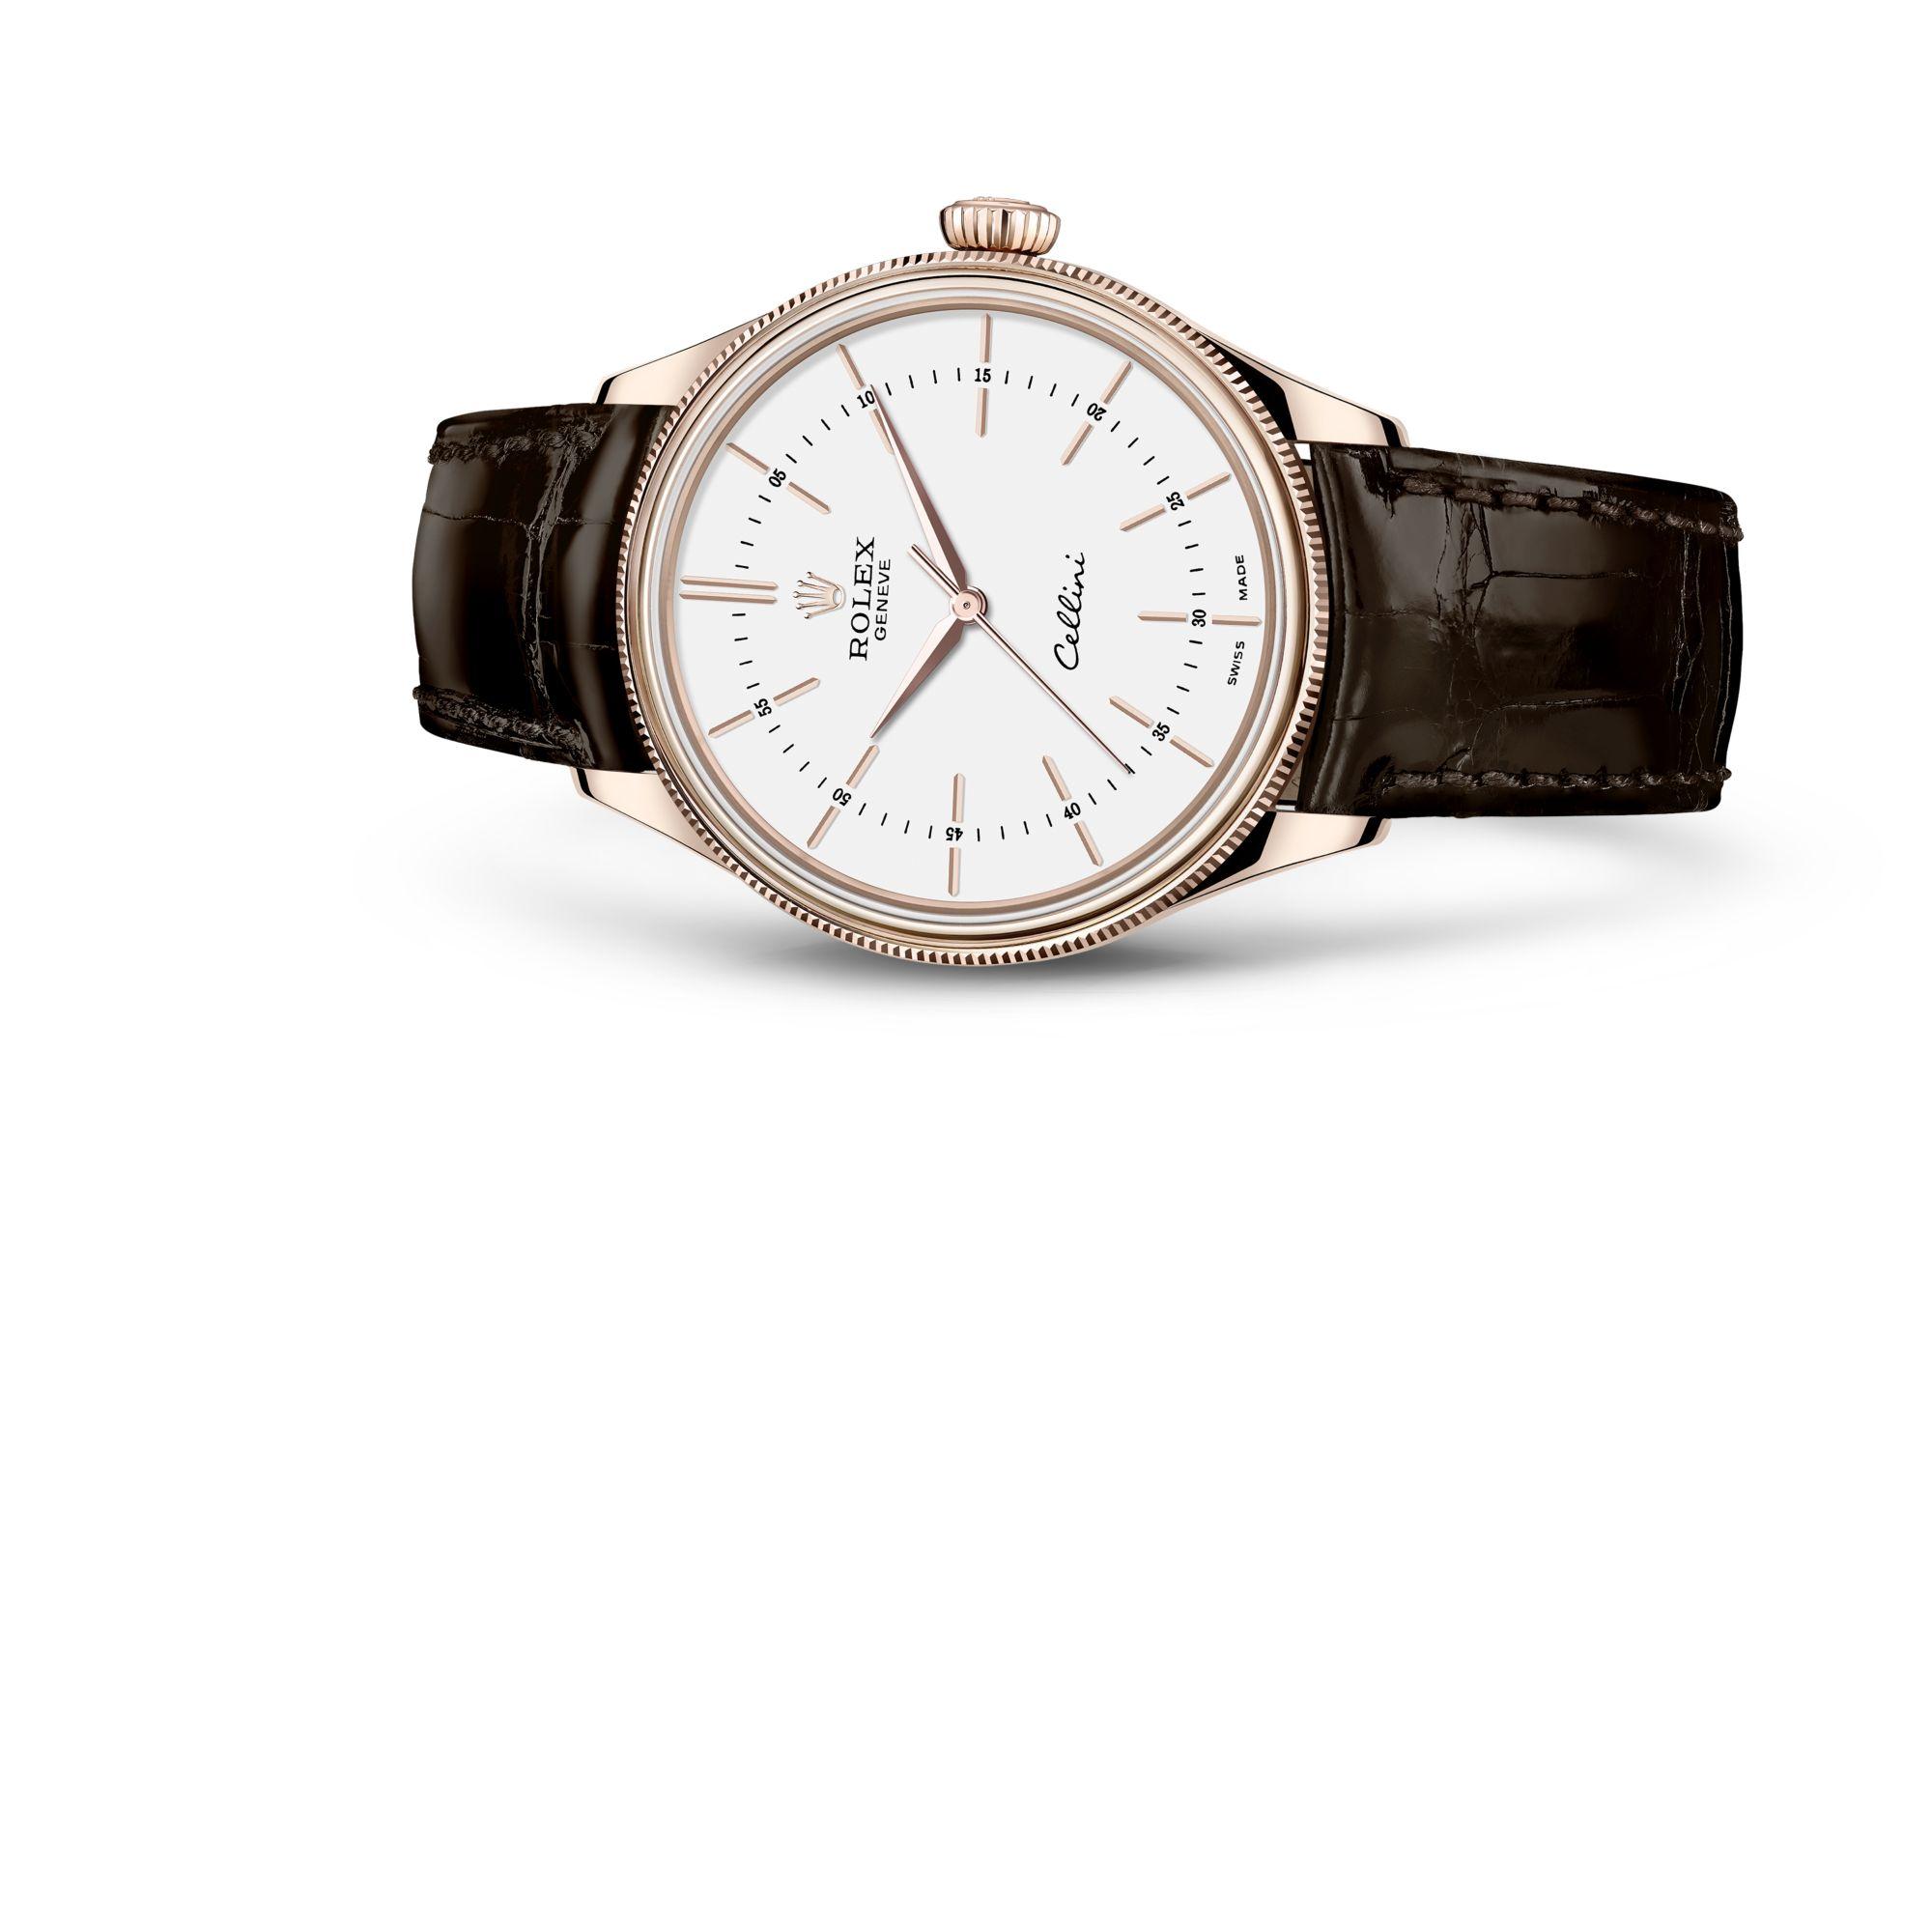 Rolex Cellini Time M50505-0020